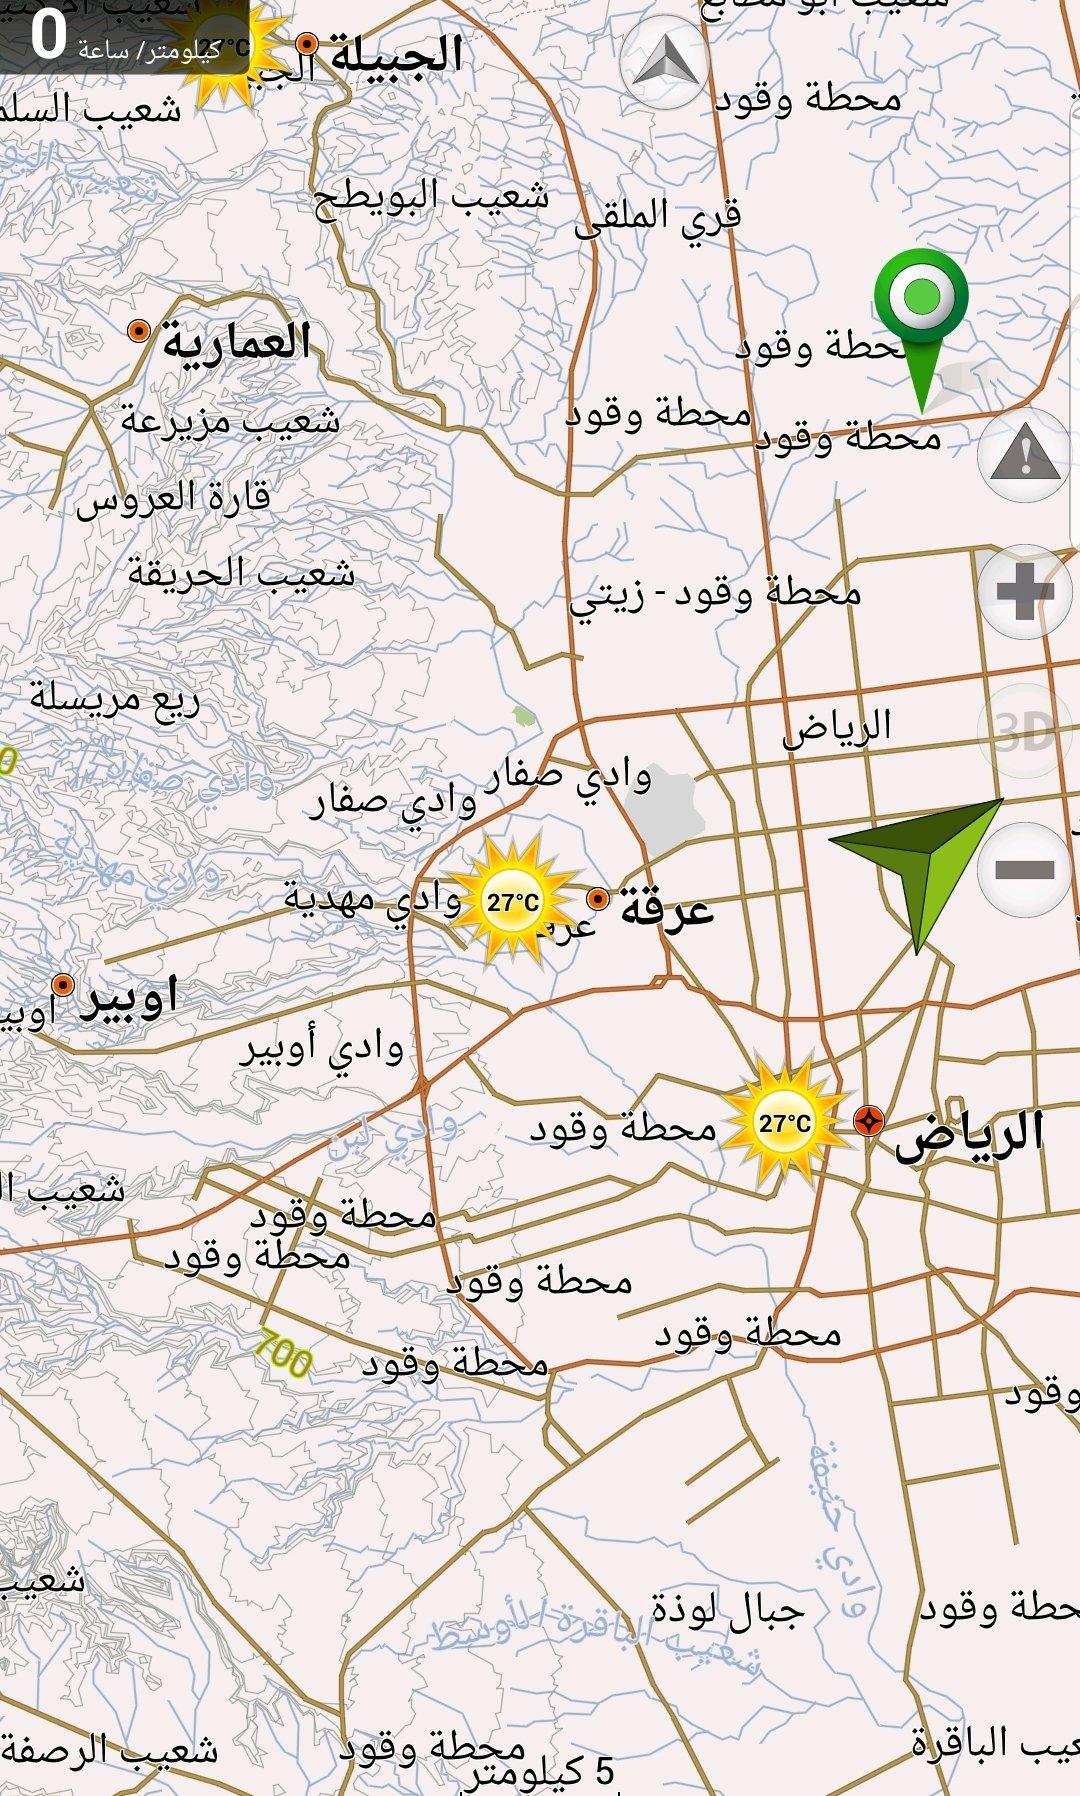 طارق أبانمي الرياض A Twitter خارطة توضح الشعبان المحيطة بالرياض